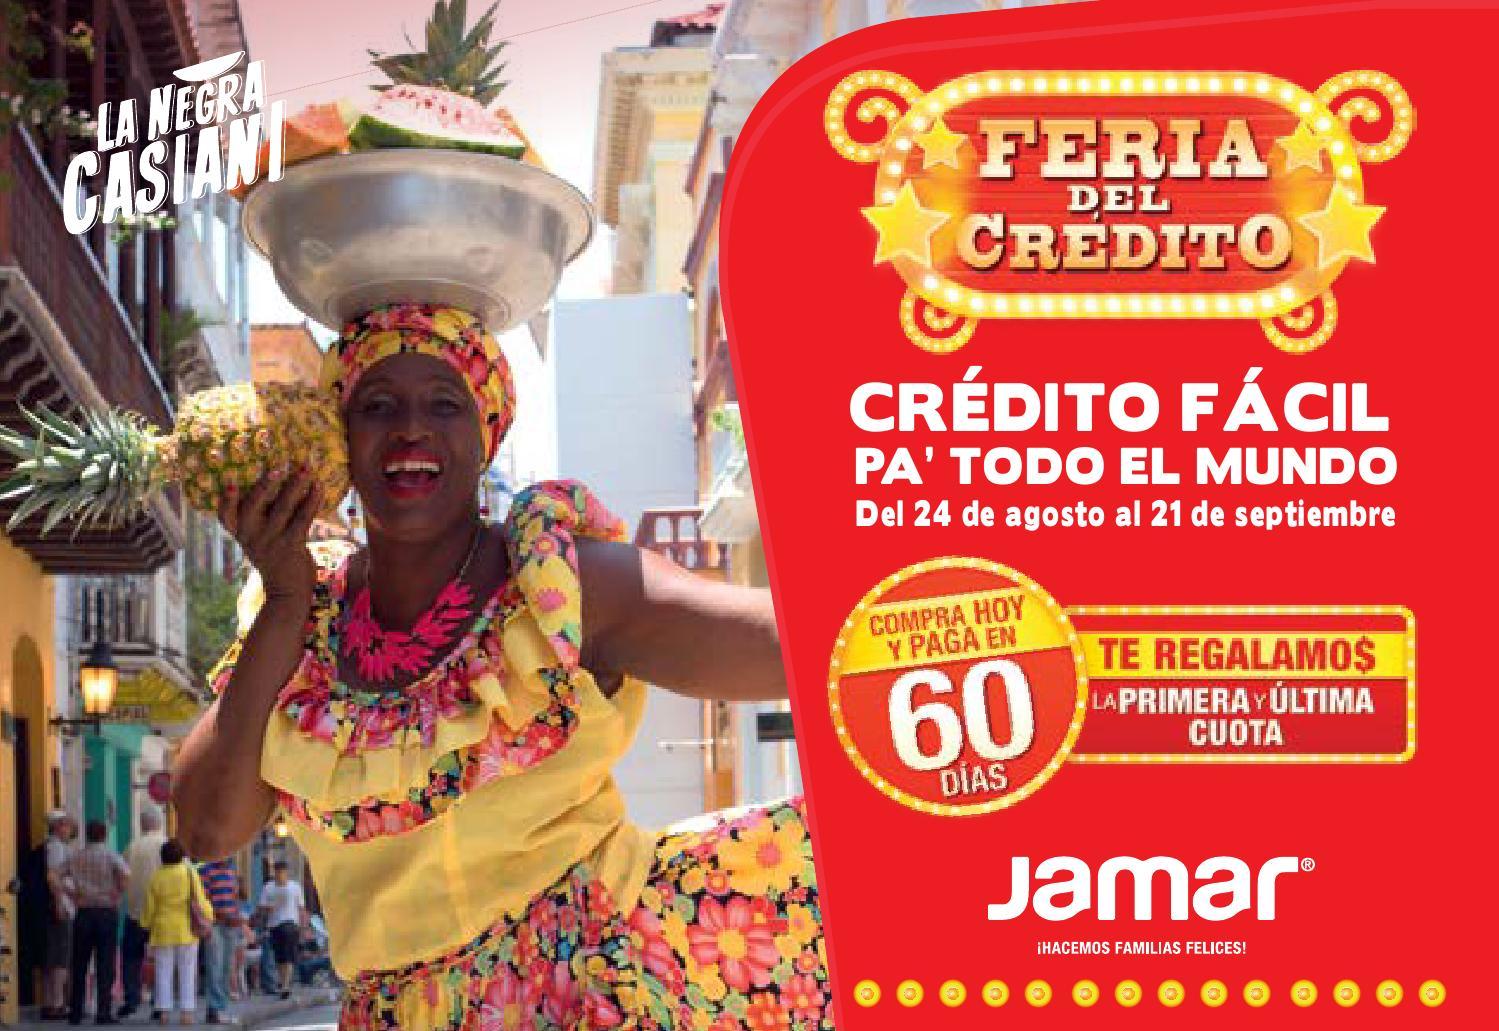 Catlogo Jamar  Feria del Credito by wwwjamarcom  issuu